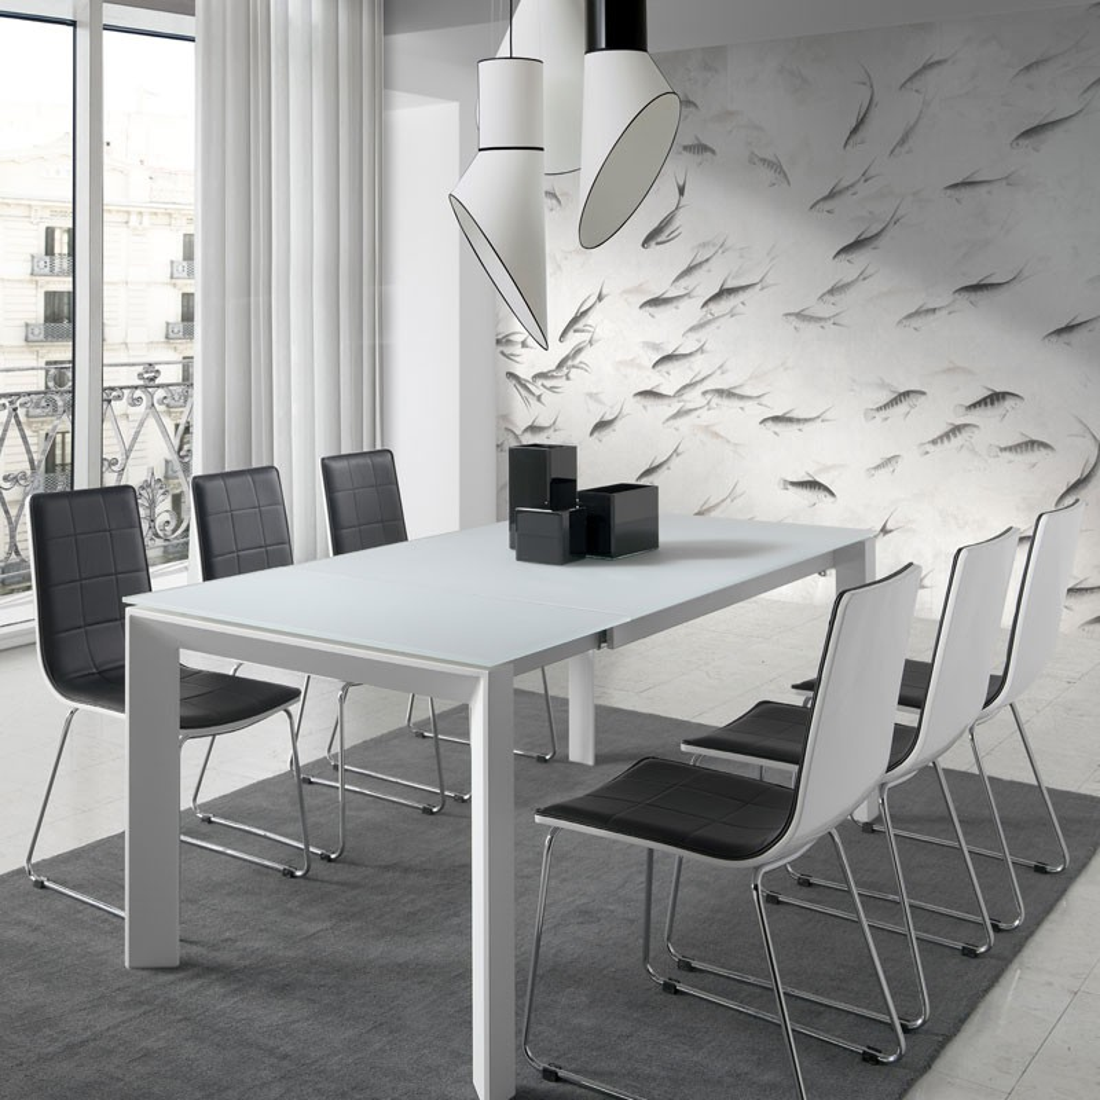 Superieur ... Table De Repas à Allonge Piétement Métal Blanc Laque Plateau Verre  Trempé Blanc   Univers Salle